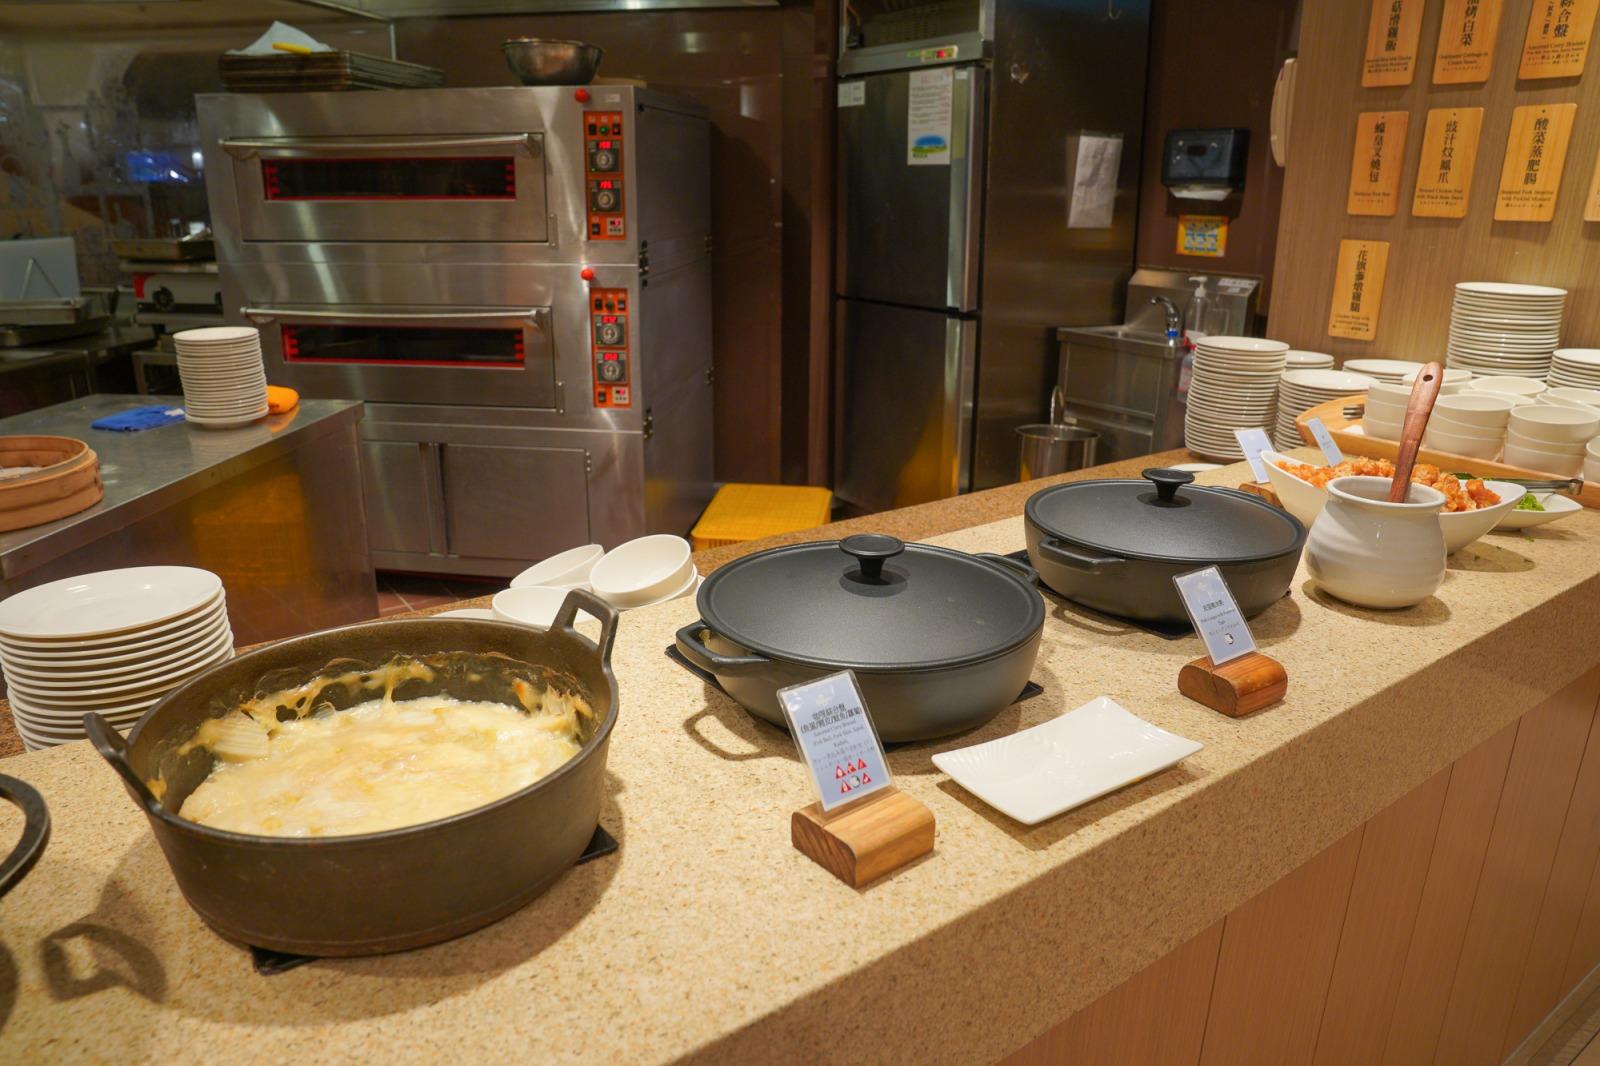 日月潭吃到飽》雲品酒店丹彤自助餐-吃到飽~建議時段,啤酒無限暢飲,生食級干貝,吃得到當地食材特色的美食饗宴